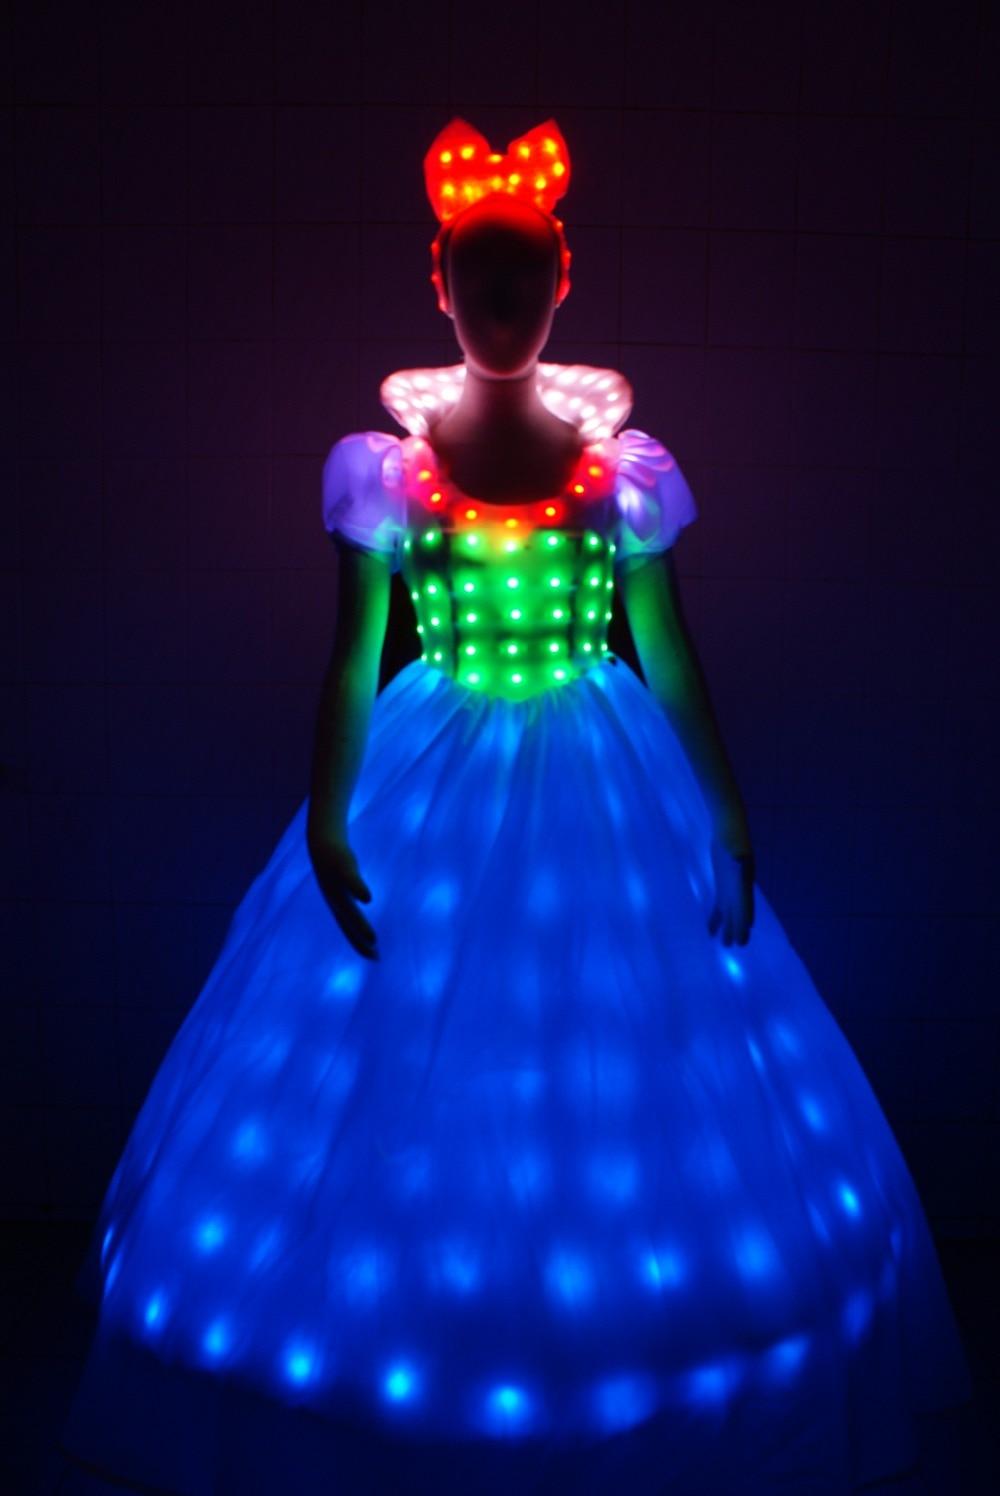 LED Bühne fluoreszierende Kostüme Anzug leuchtende Kleid zeigen - Partyartikel und Dekoration - Foto 1